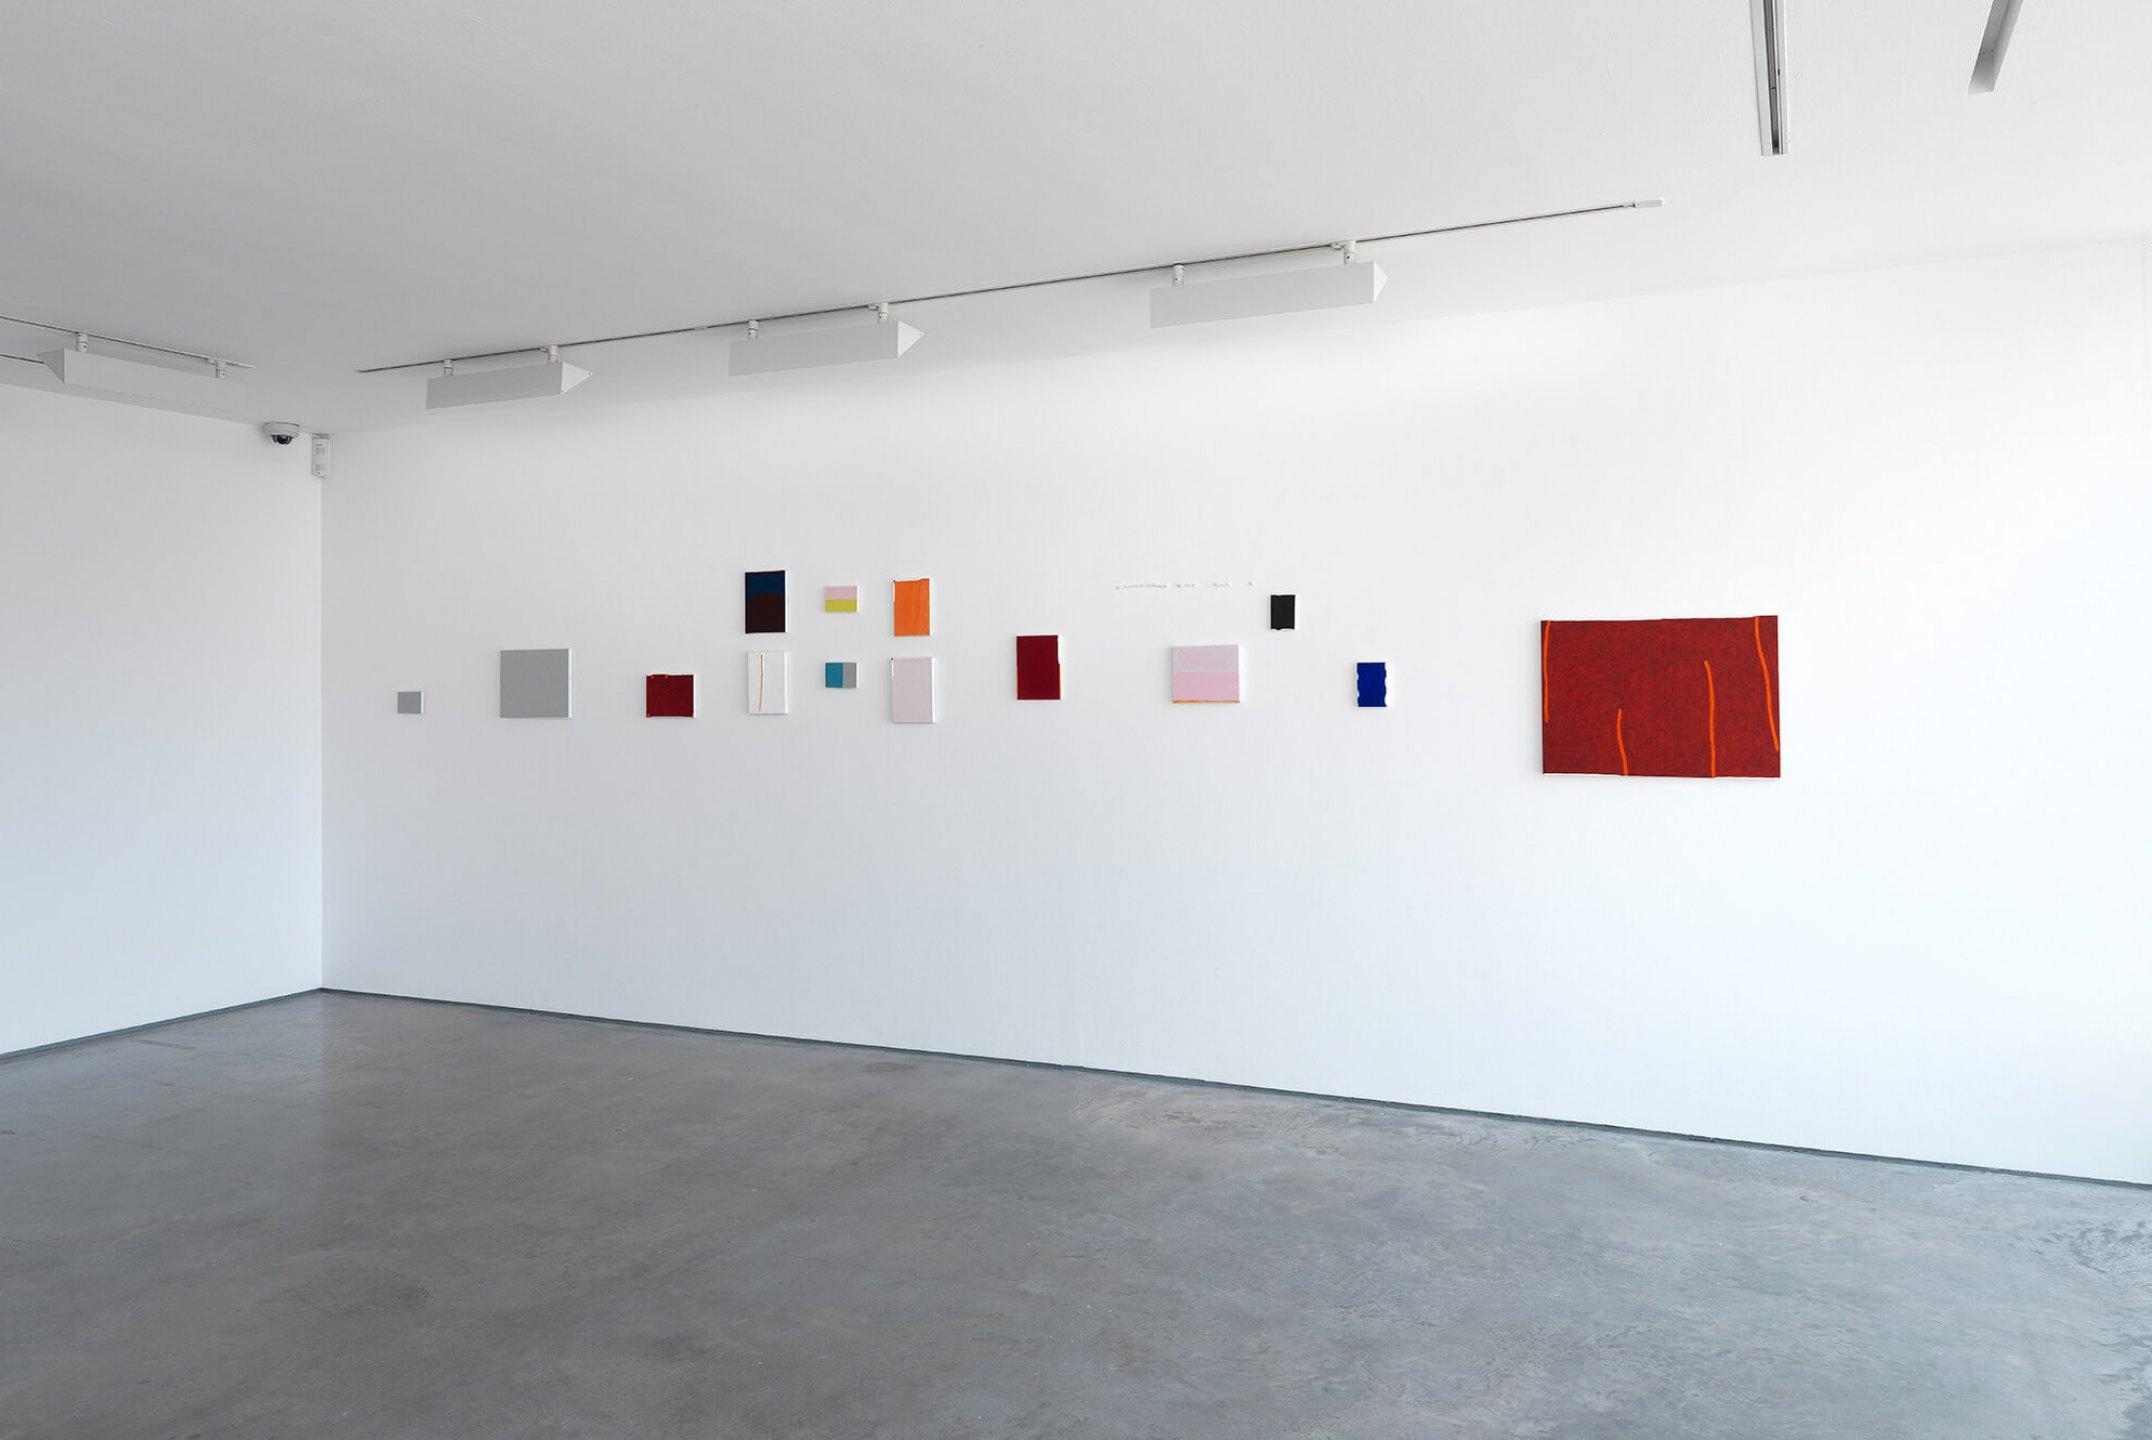 Paulo Monteiro,&nbsp;<em>Where Were You</em>, 2014, Lisson Gallery, 2014 - Mendes Wood DM